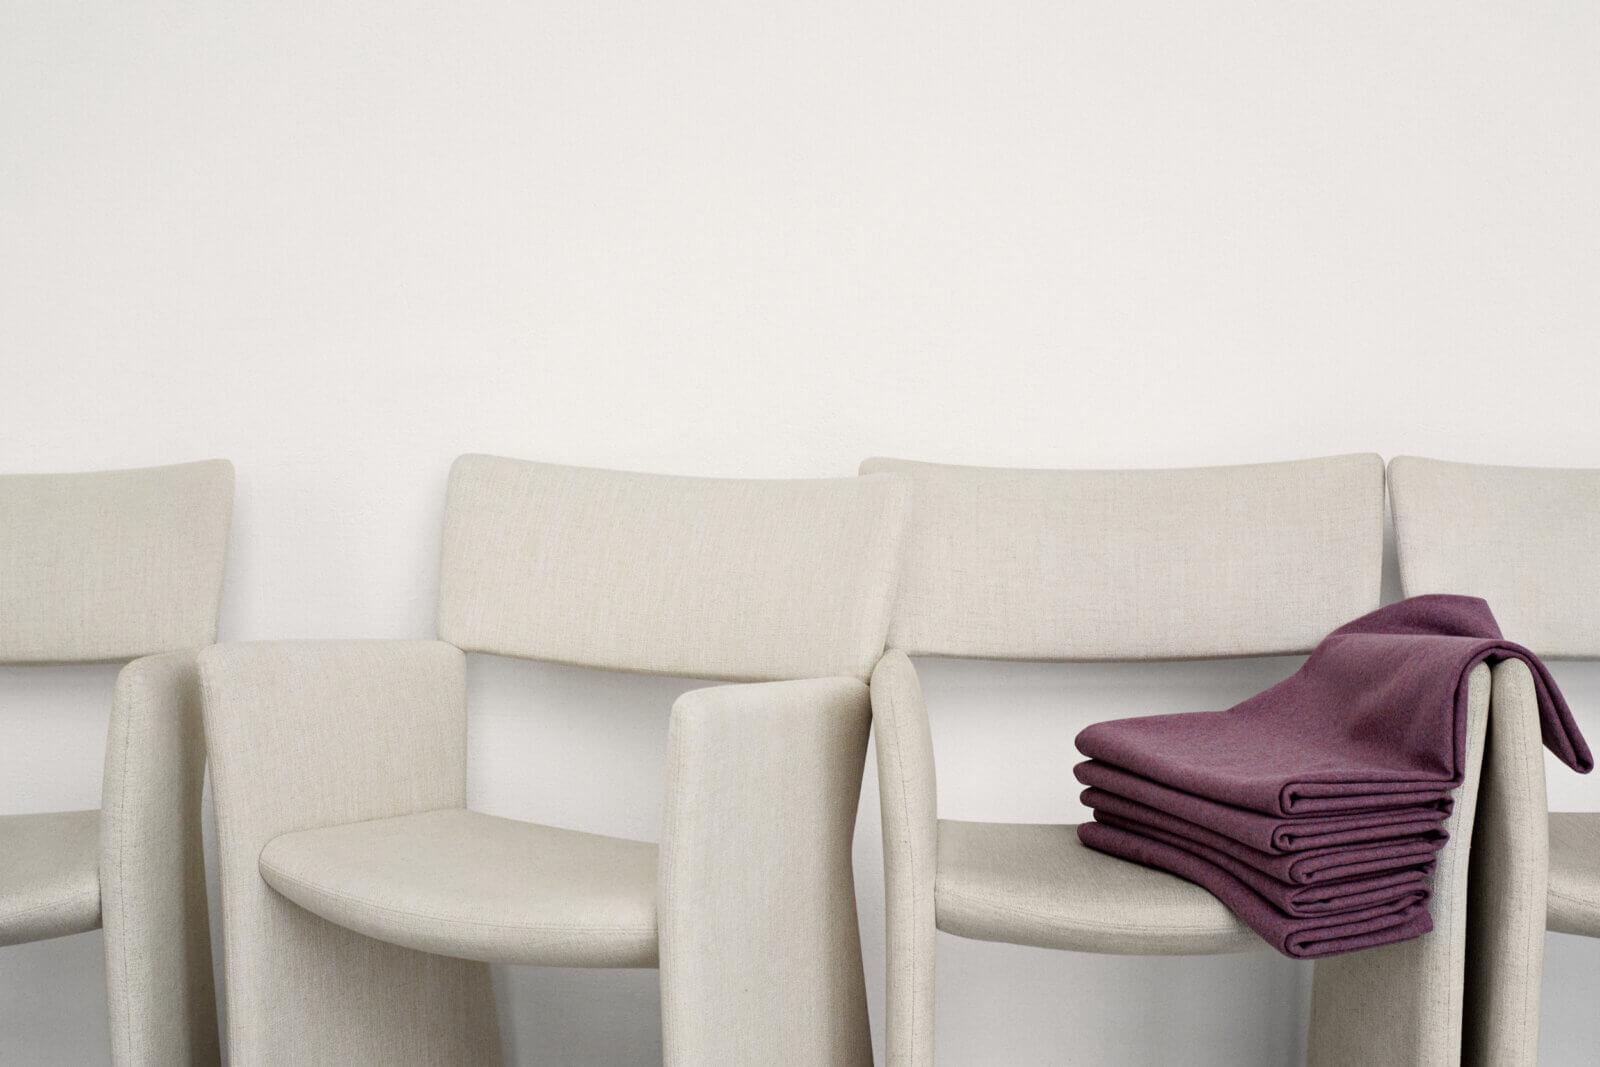 TinnappleMetz-massproductions-crown-armchair-01